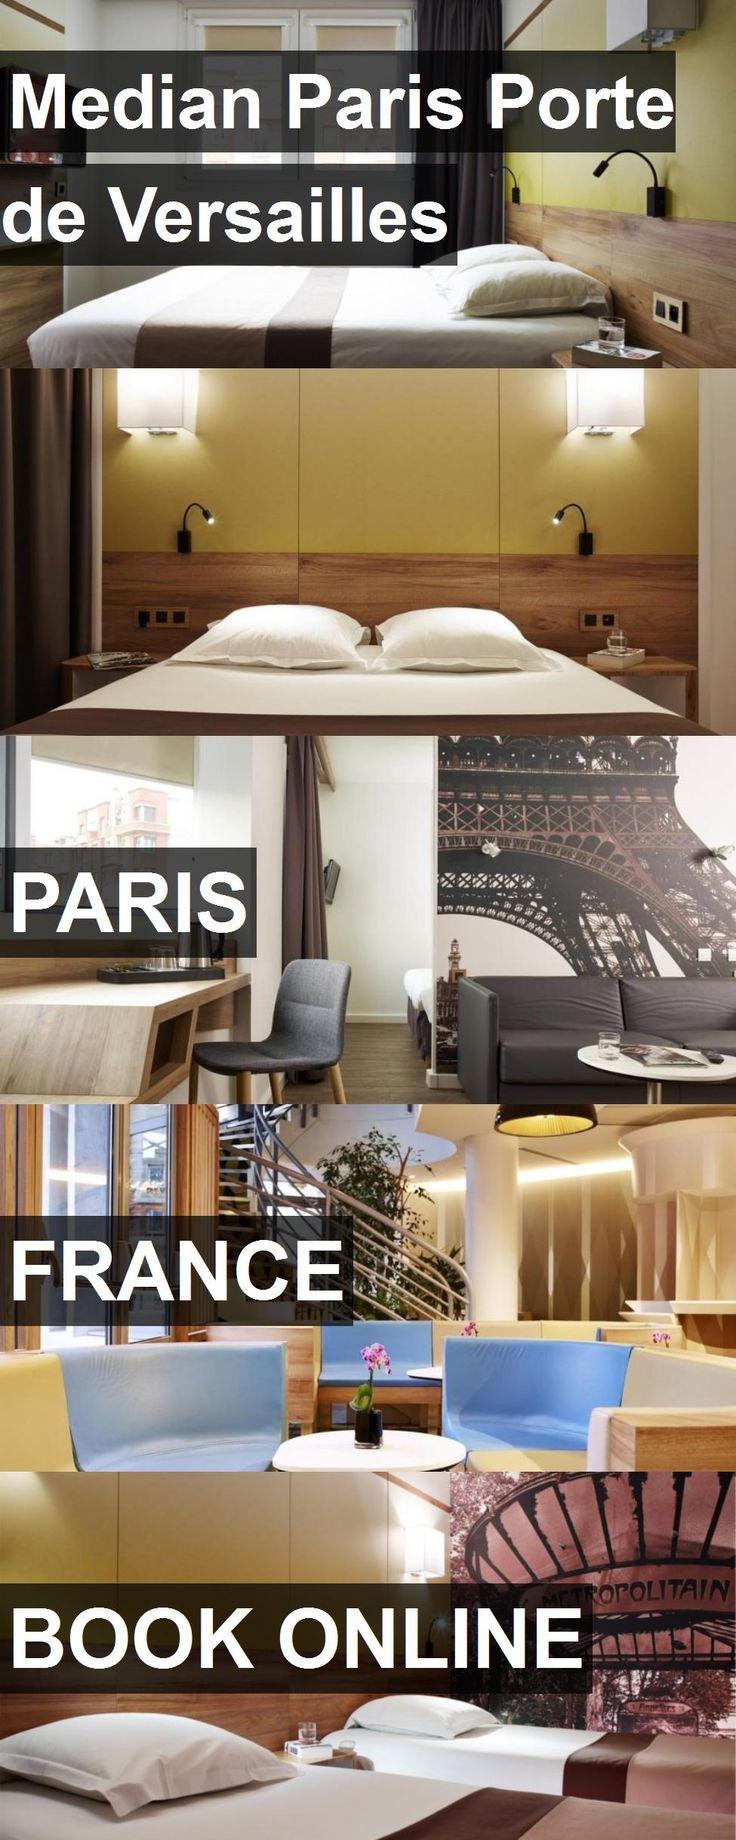 Hotel Median Paris Porte de Versailles in Paris, France. For more information, photos, reviews and best prices please follow the link. #France #Paris #MedianParisPortedeVersailles #hotel #travel #vacation